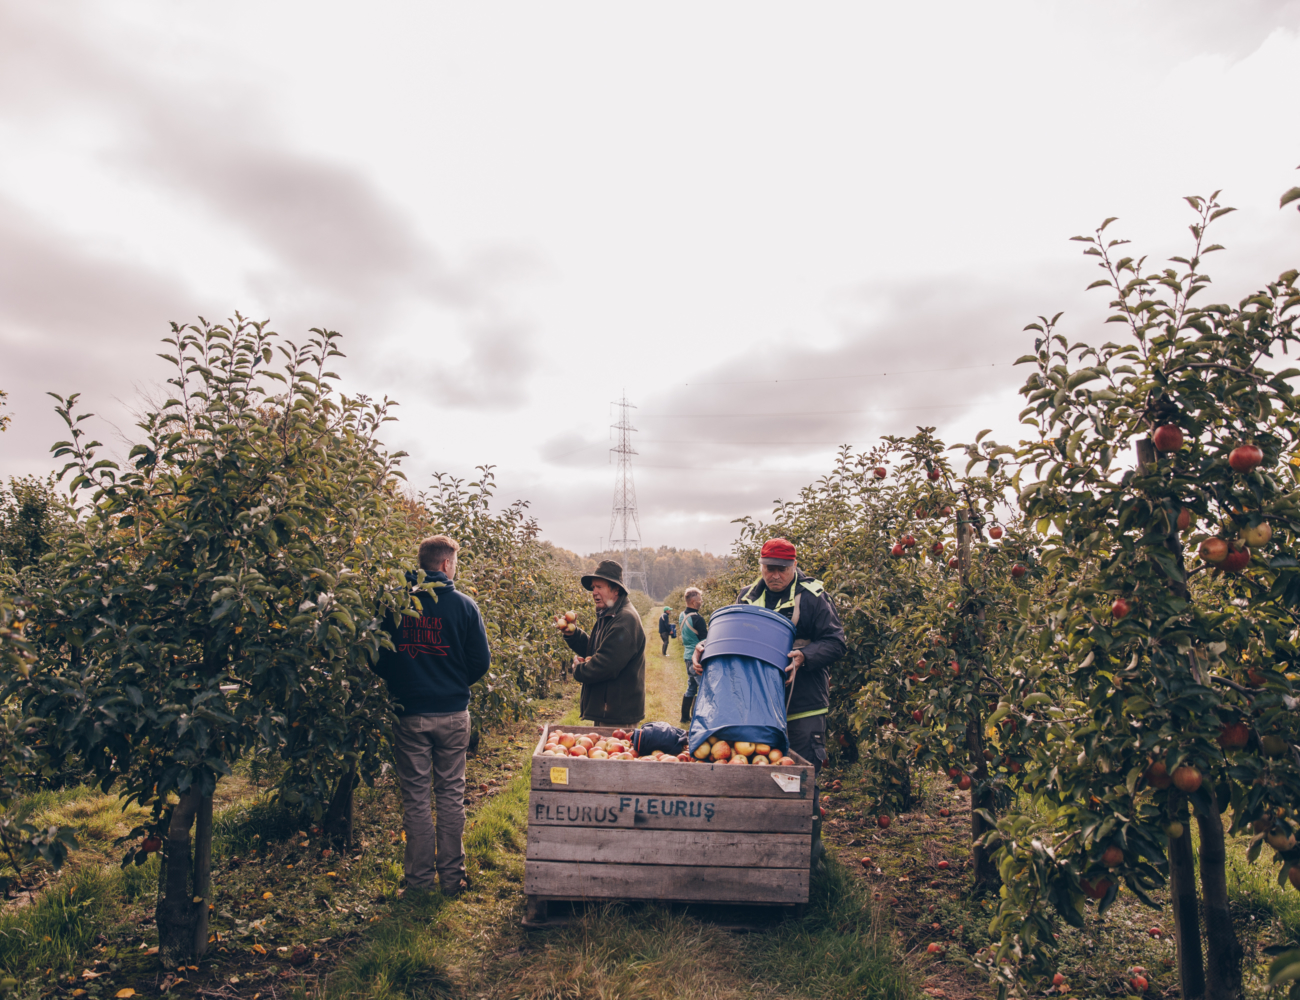 Les jus de pommes des Vergers de Fleurus sont locaux, artisanaux...et surtout délicieux